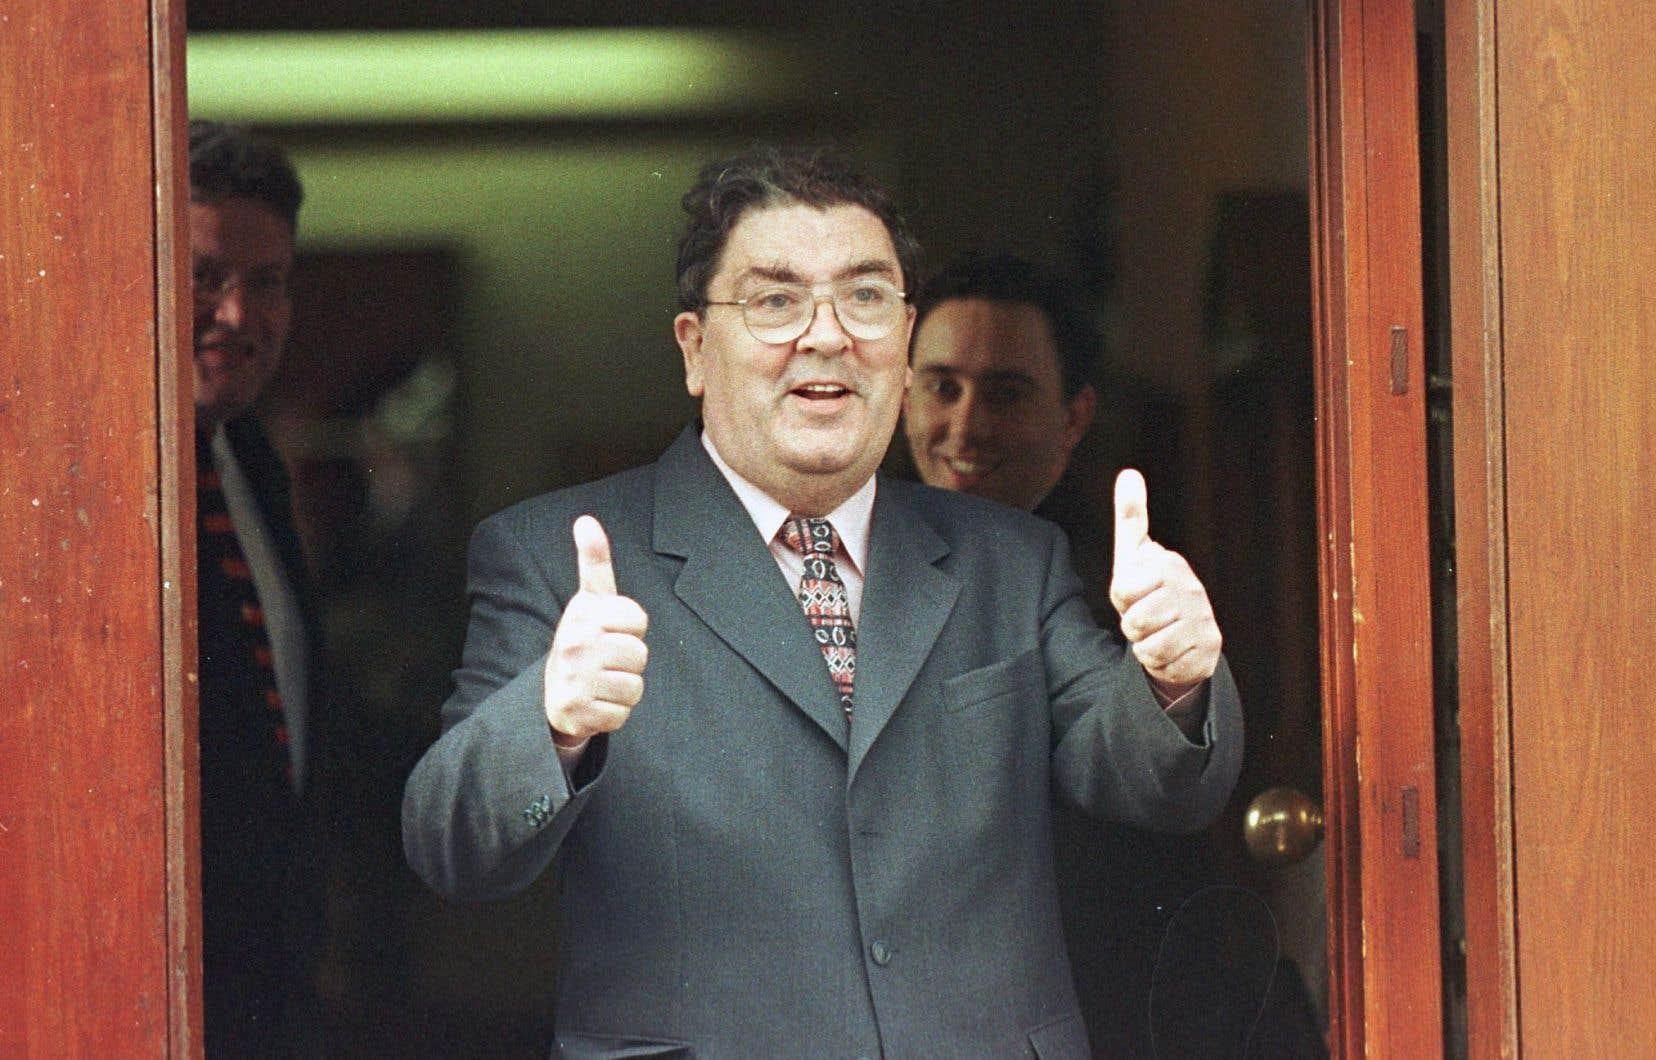 John Hume en avril 1998, alors qu'un accord de paix, dit du Vendredi Saint, avait été conclu à Belfast entre Londres, Dublin et les partis protestants et catholiques.